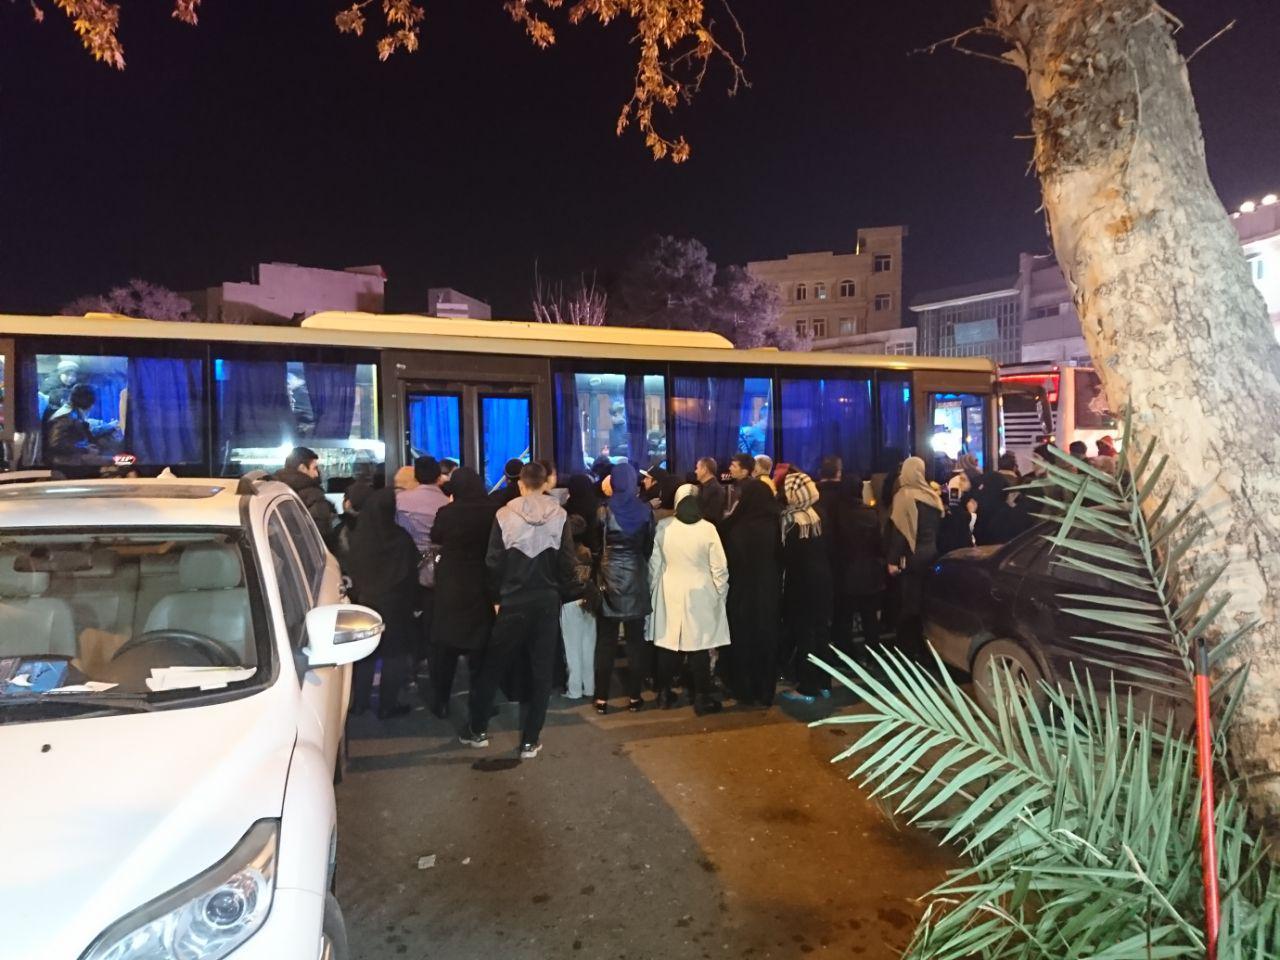 دانش آموزان دبیرستان شهدای صنف گردبافان به مشهد مقدس اعزام شدند.